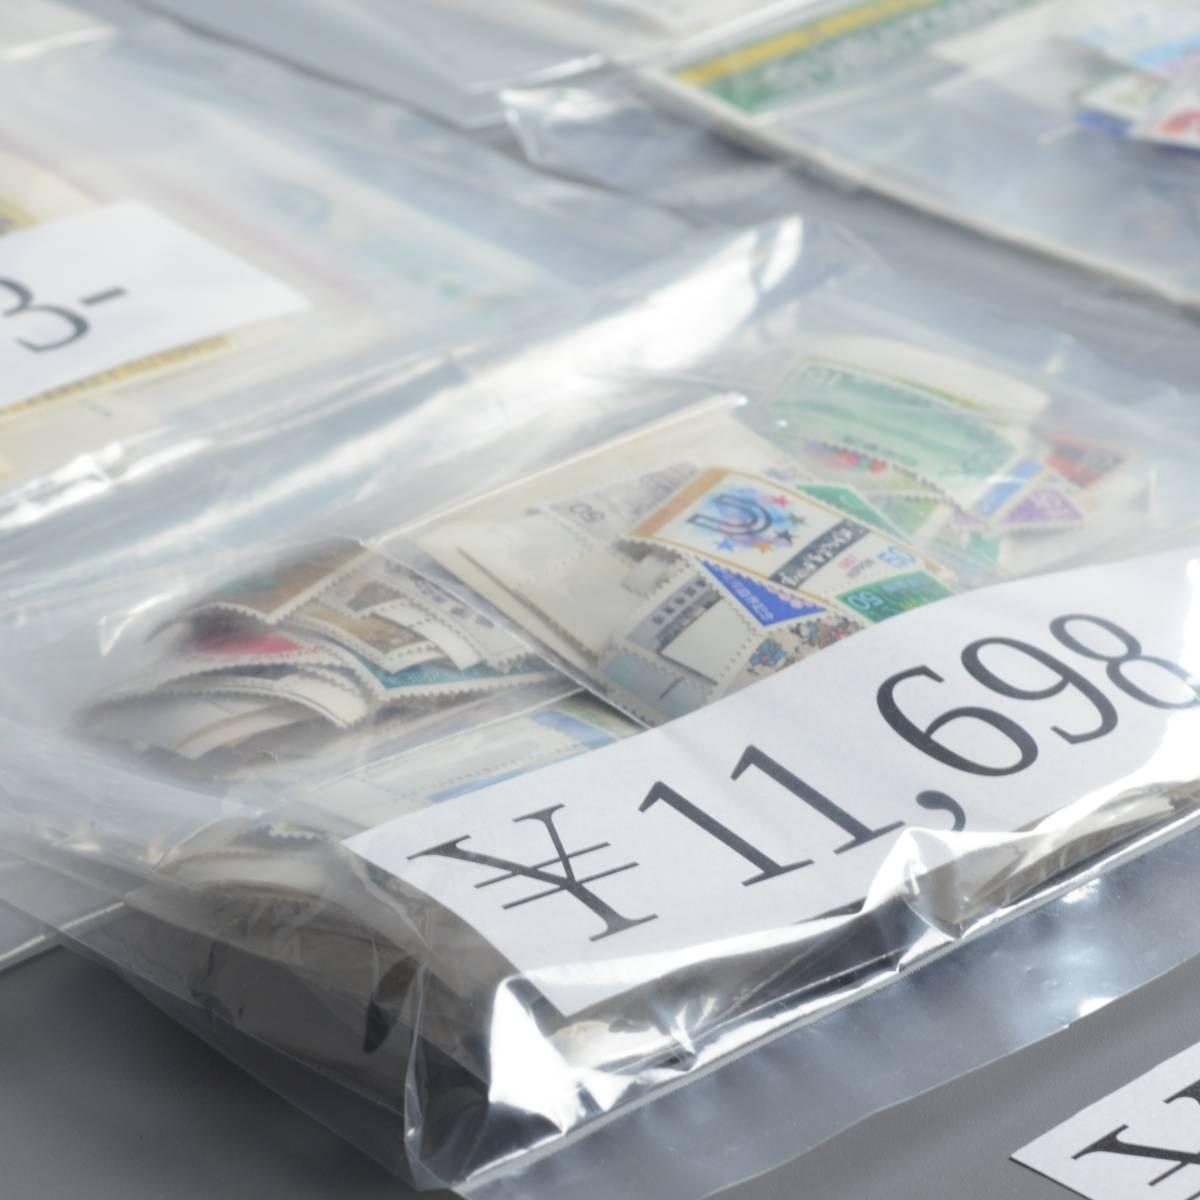 通信用切手まとめて 額面合計200,871円 即決落札有_画像5